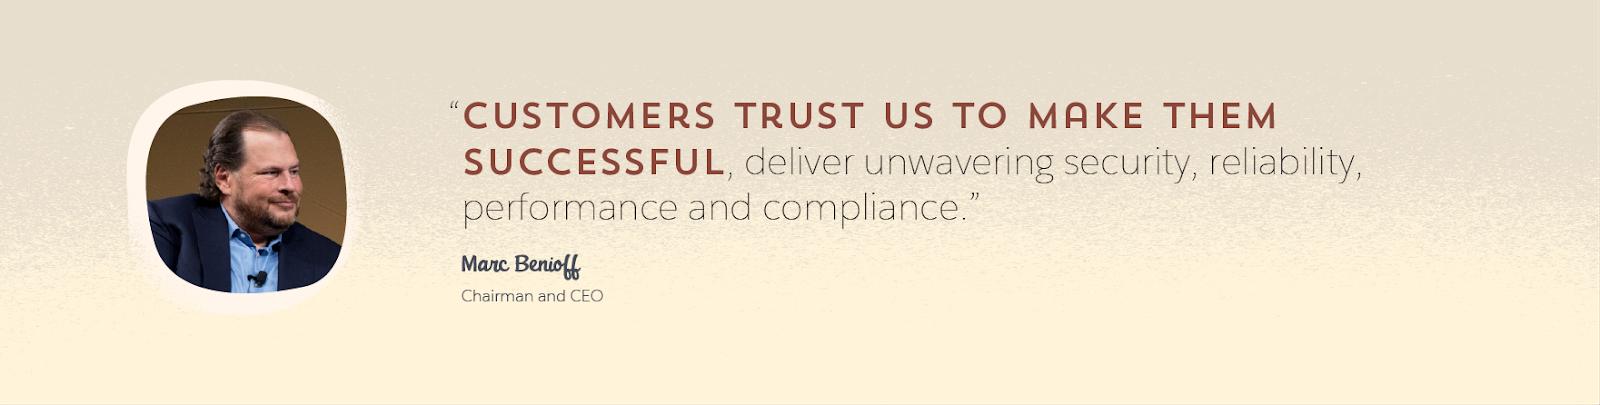 Salesforce の会長兼 CEO である Marc Benioff の写真と、「お客様は Salesforce を信頼し、成功が促進され、揺るぎないセキュリティ、信頼性、パフォーマンス、コンプライアンスが提供されることを期待しています」という同氏の引用を示すグラフィック